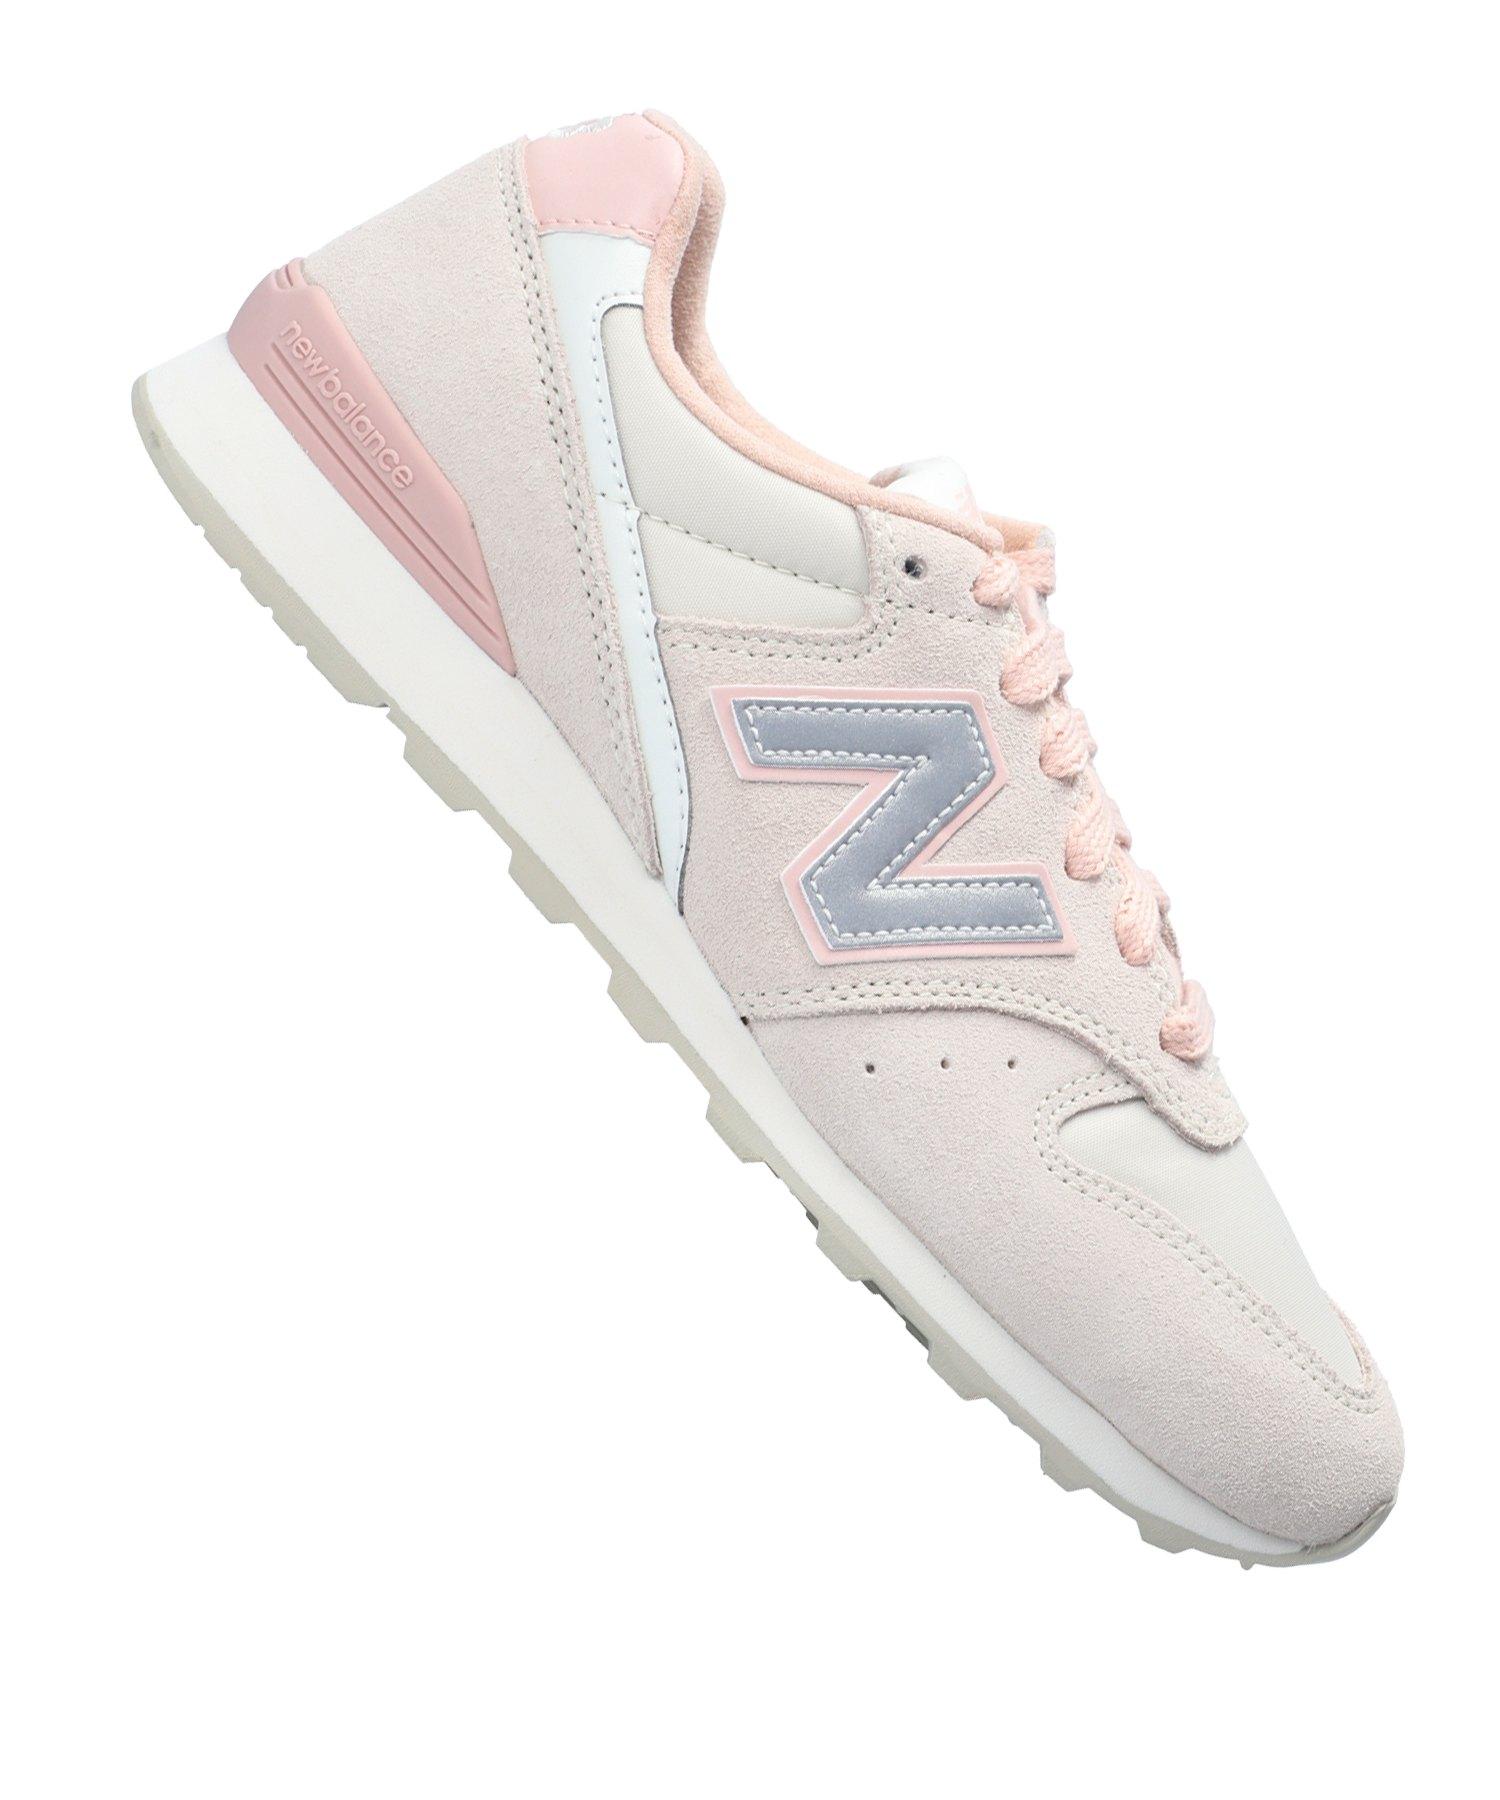 New Balance WL996 B Sneaker Damen Weiss F3 - Weiss